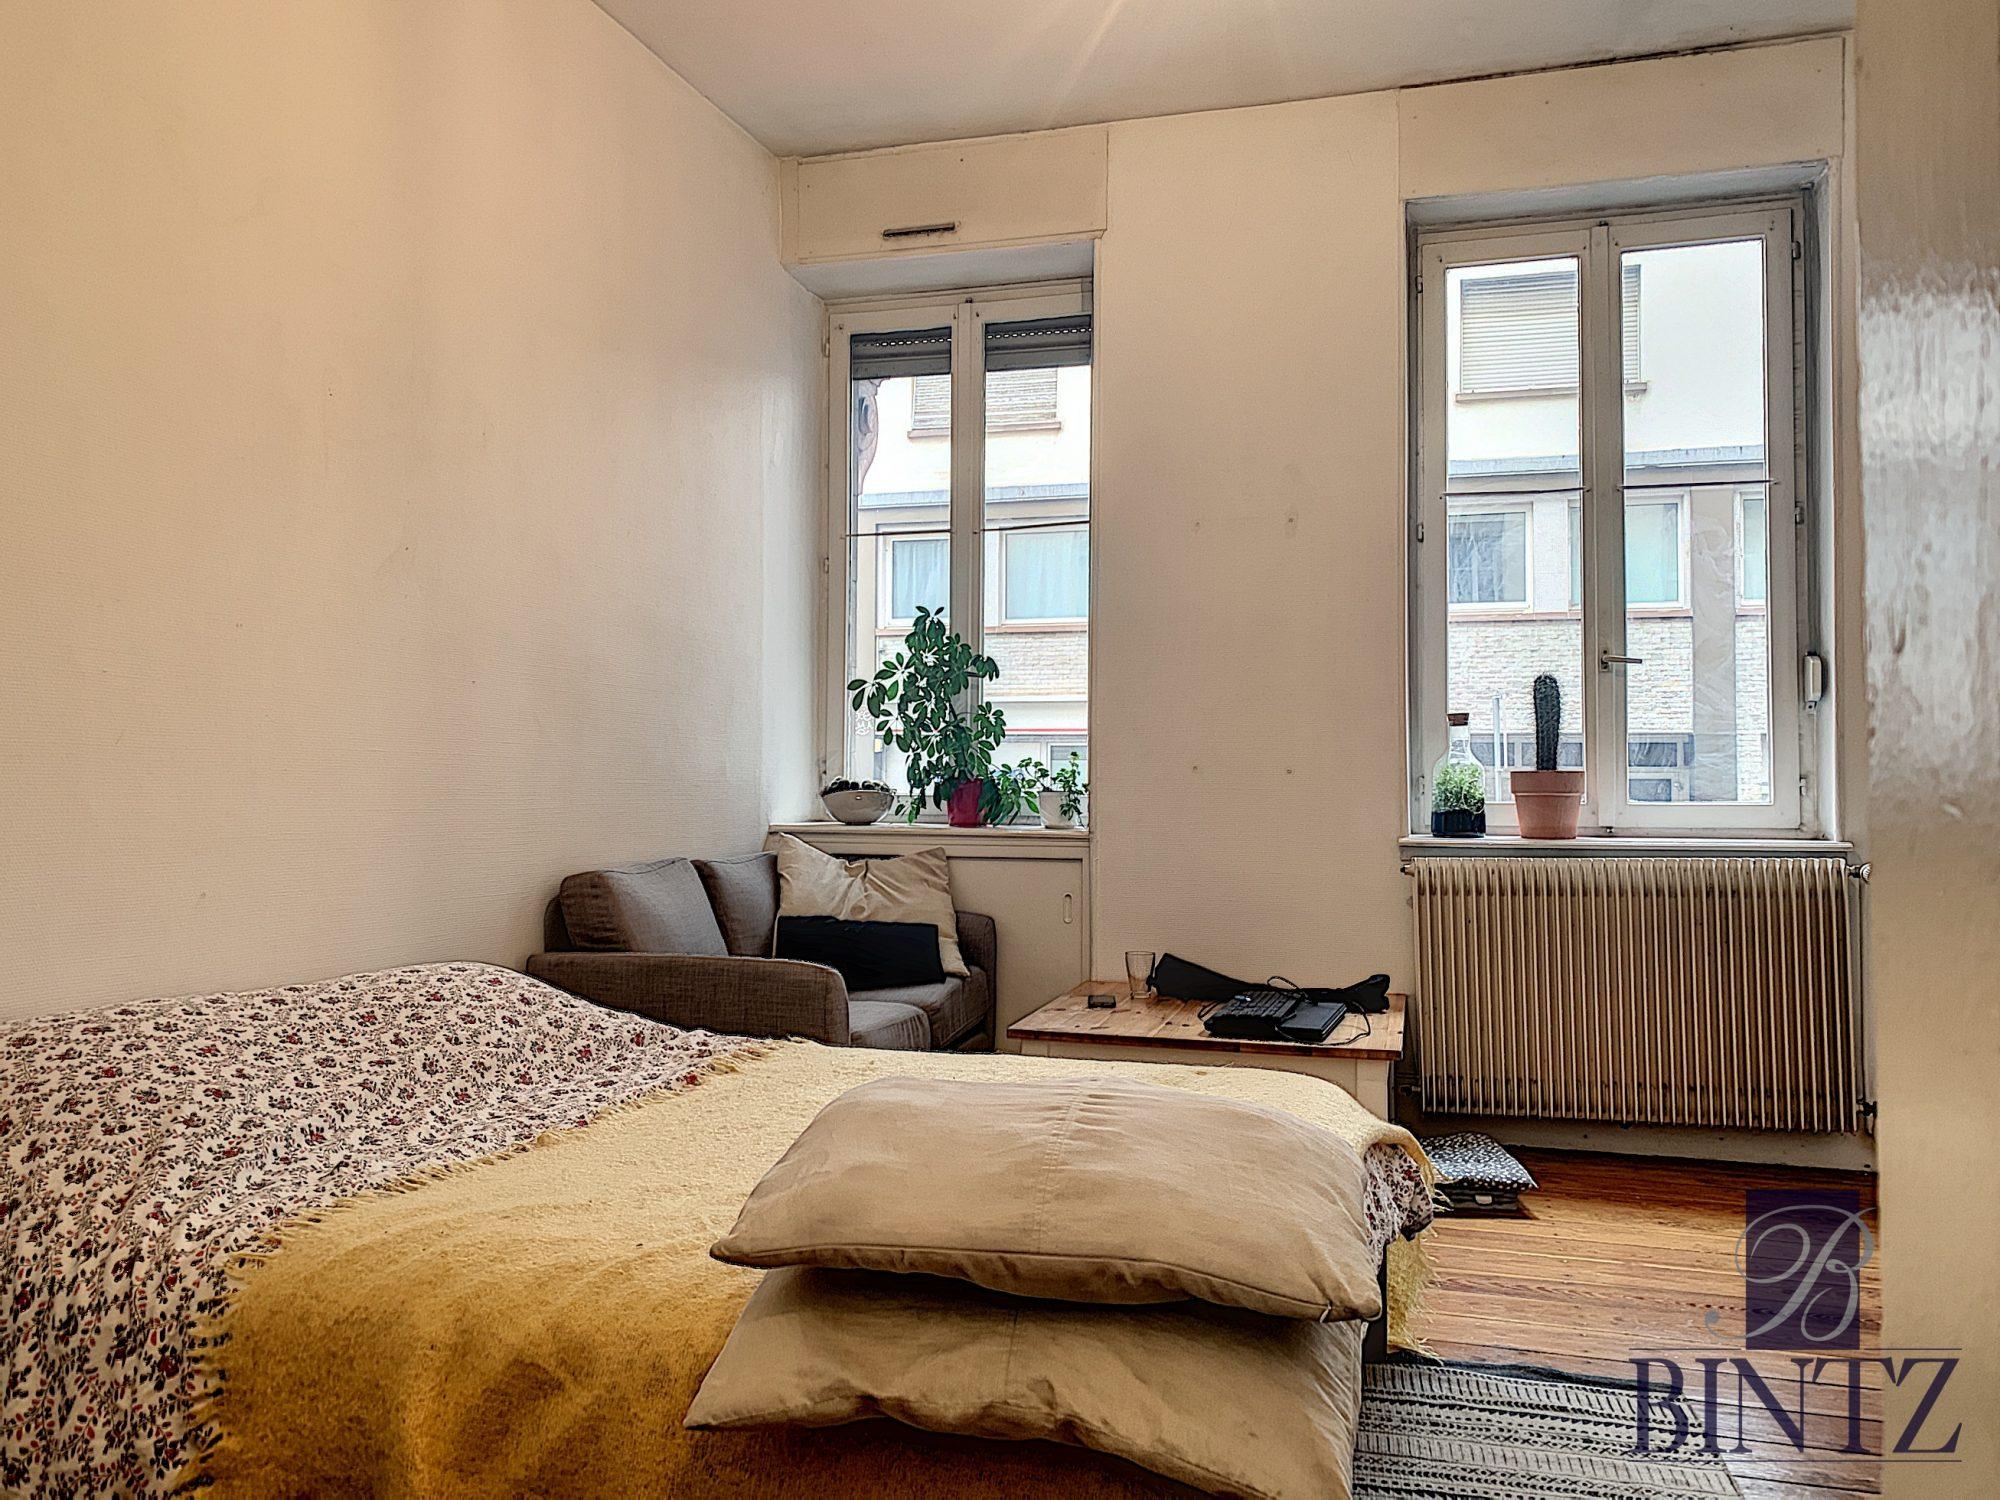 BEAU T1 MUSÉE D'ART MODERNE - Devenez locataire en toute sérénité - Bintz Immobilier - 2